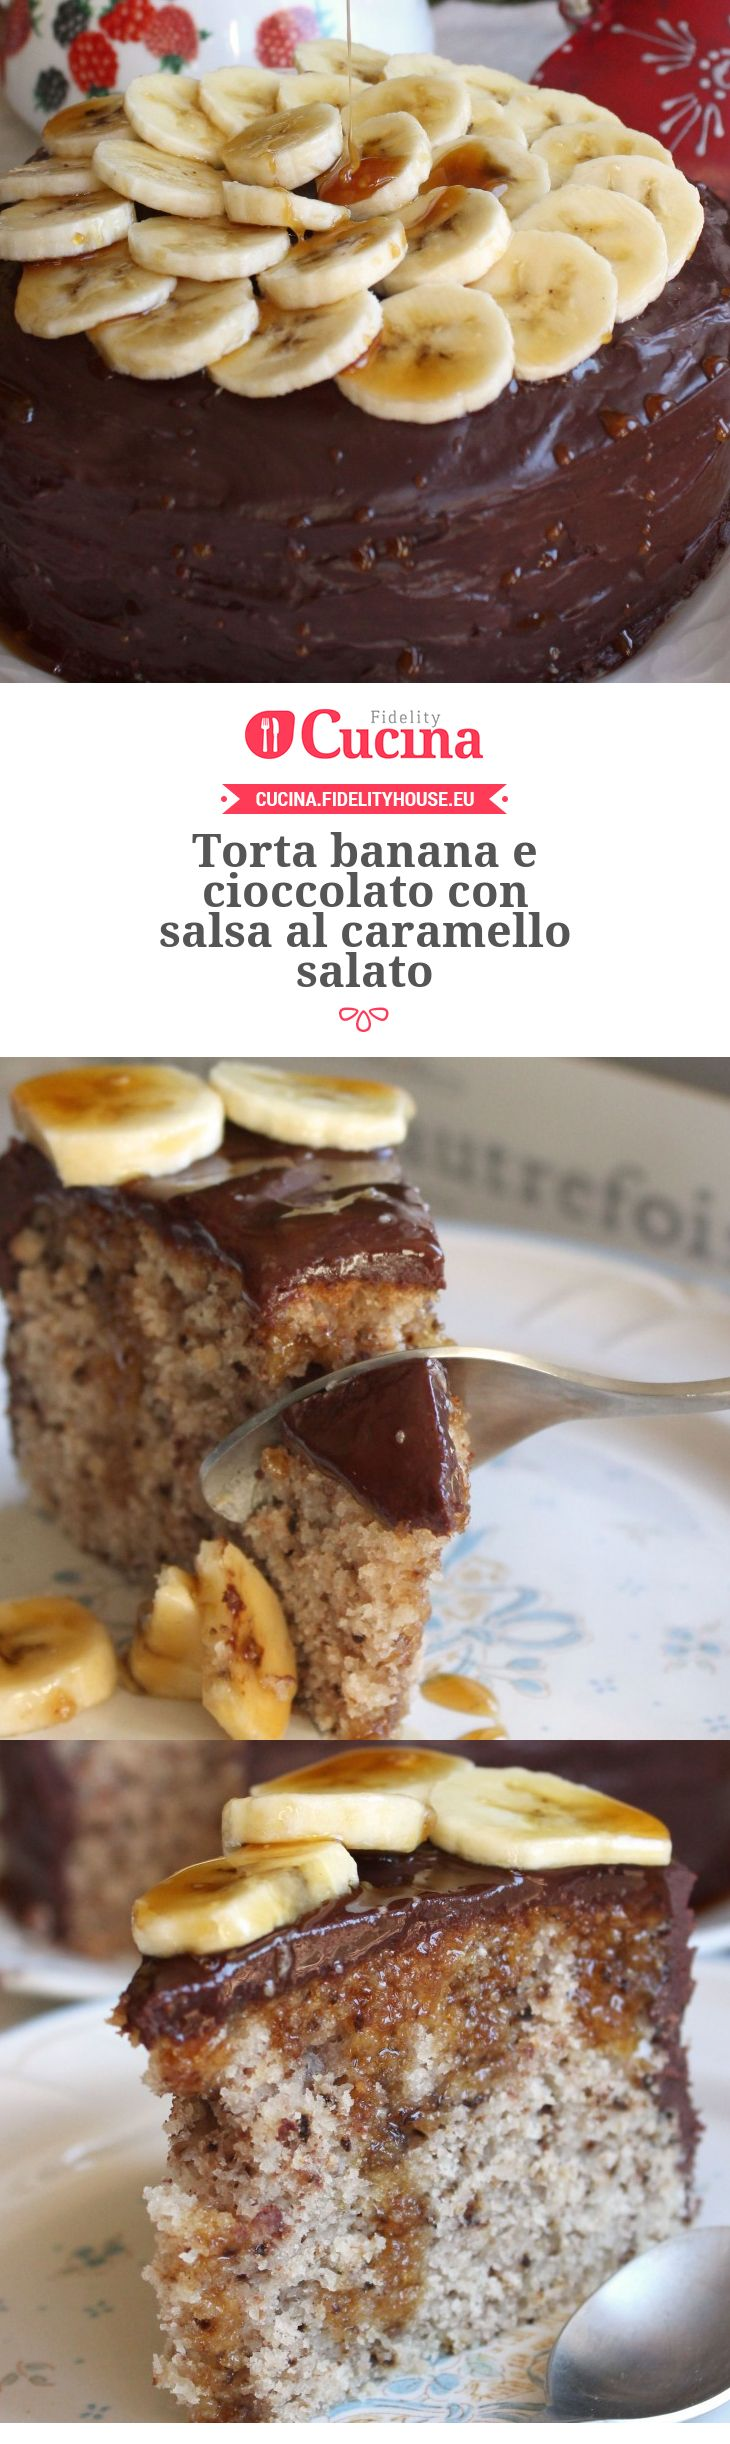 Torta banana e cioccolato con salsa al caramello salato della nostra utente Alessia. Unisciti alla nostra Community ed invia le tue ricette!